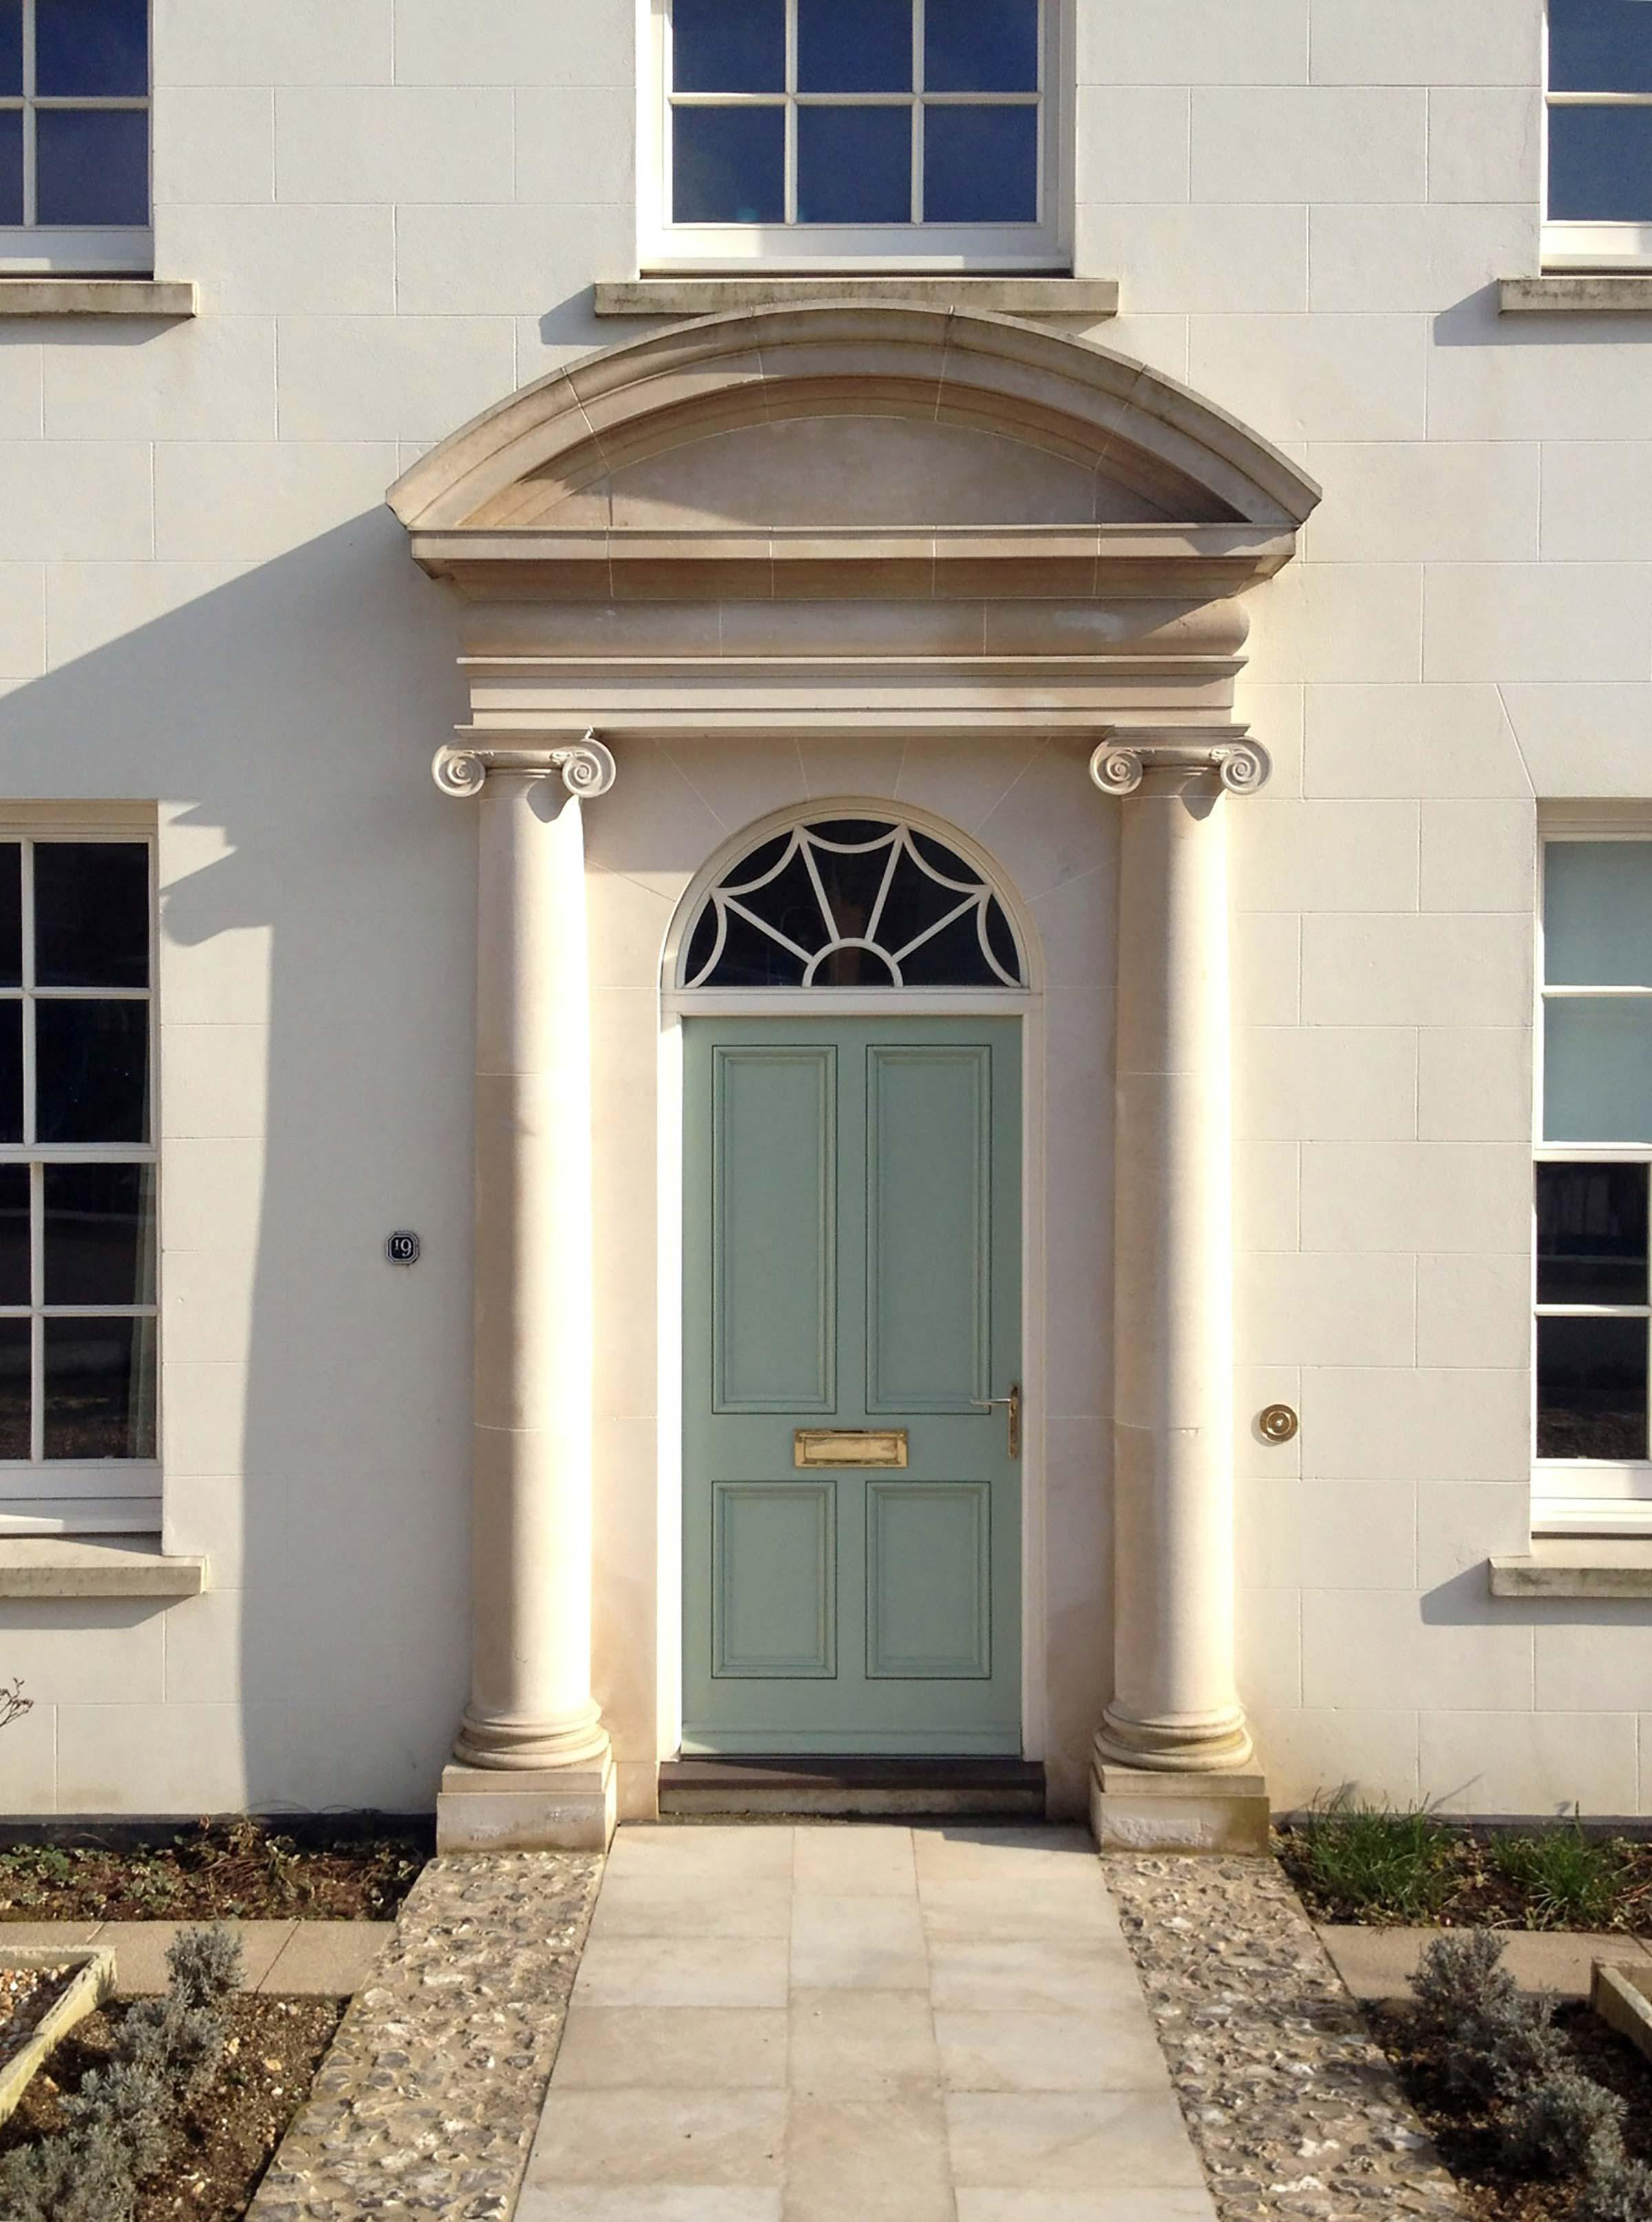 Poundbury, South West Quadrant, Dorset